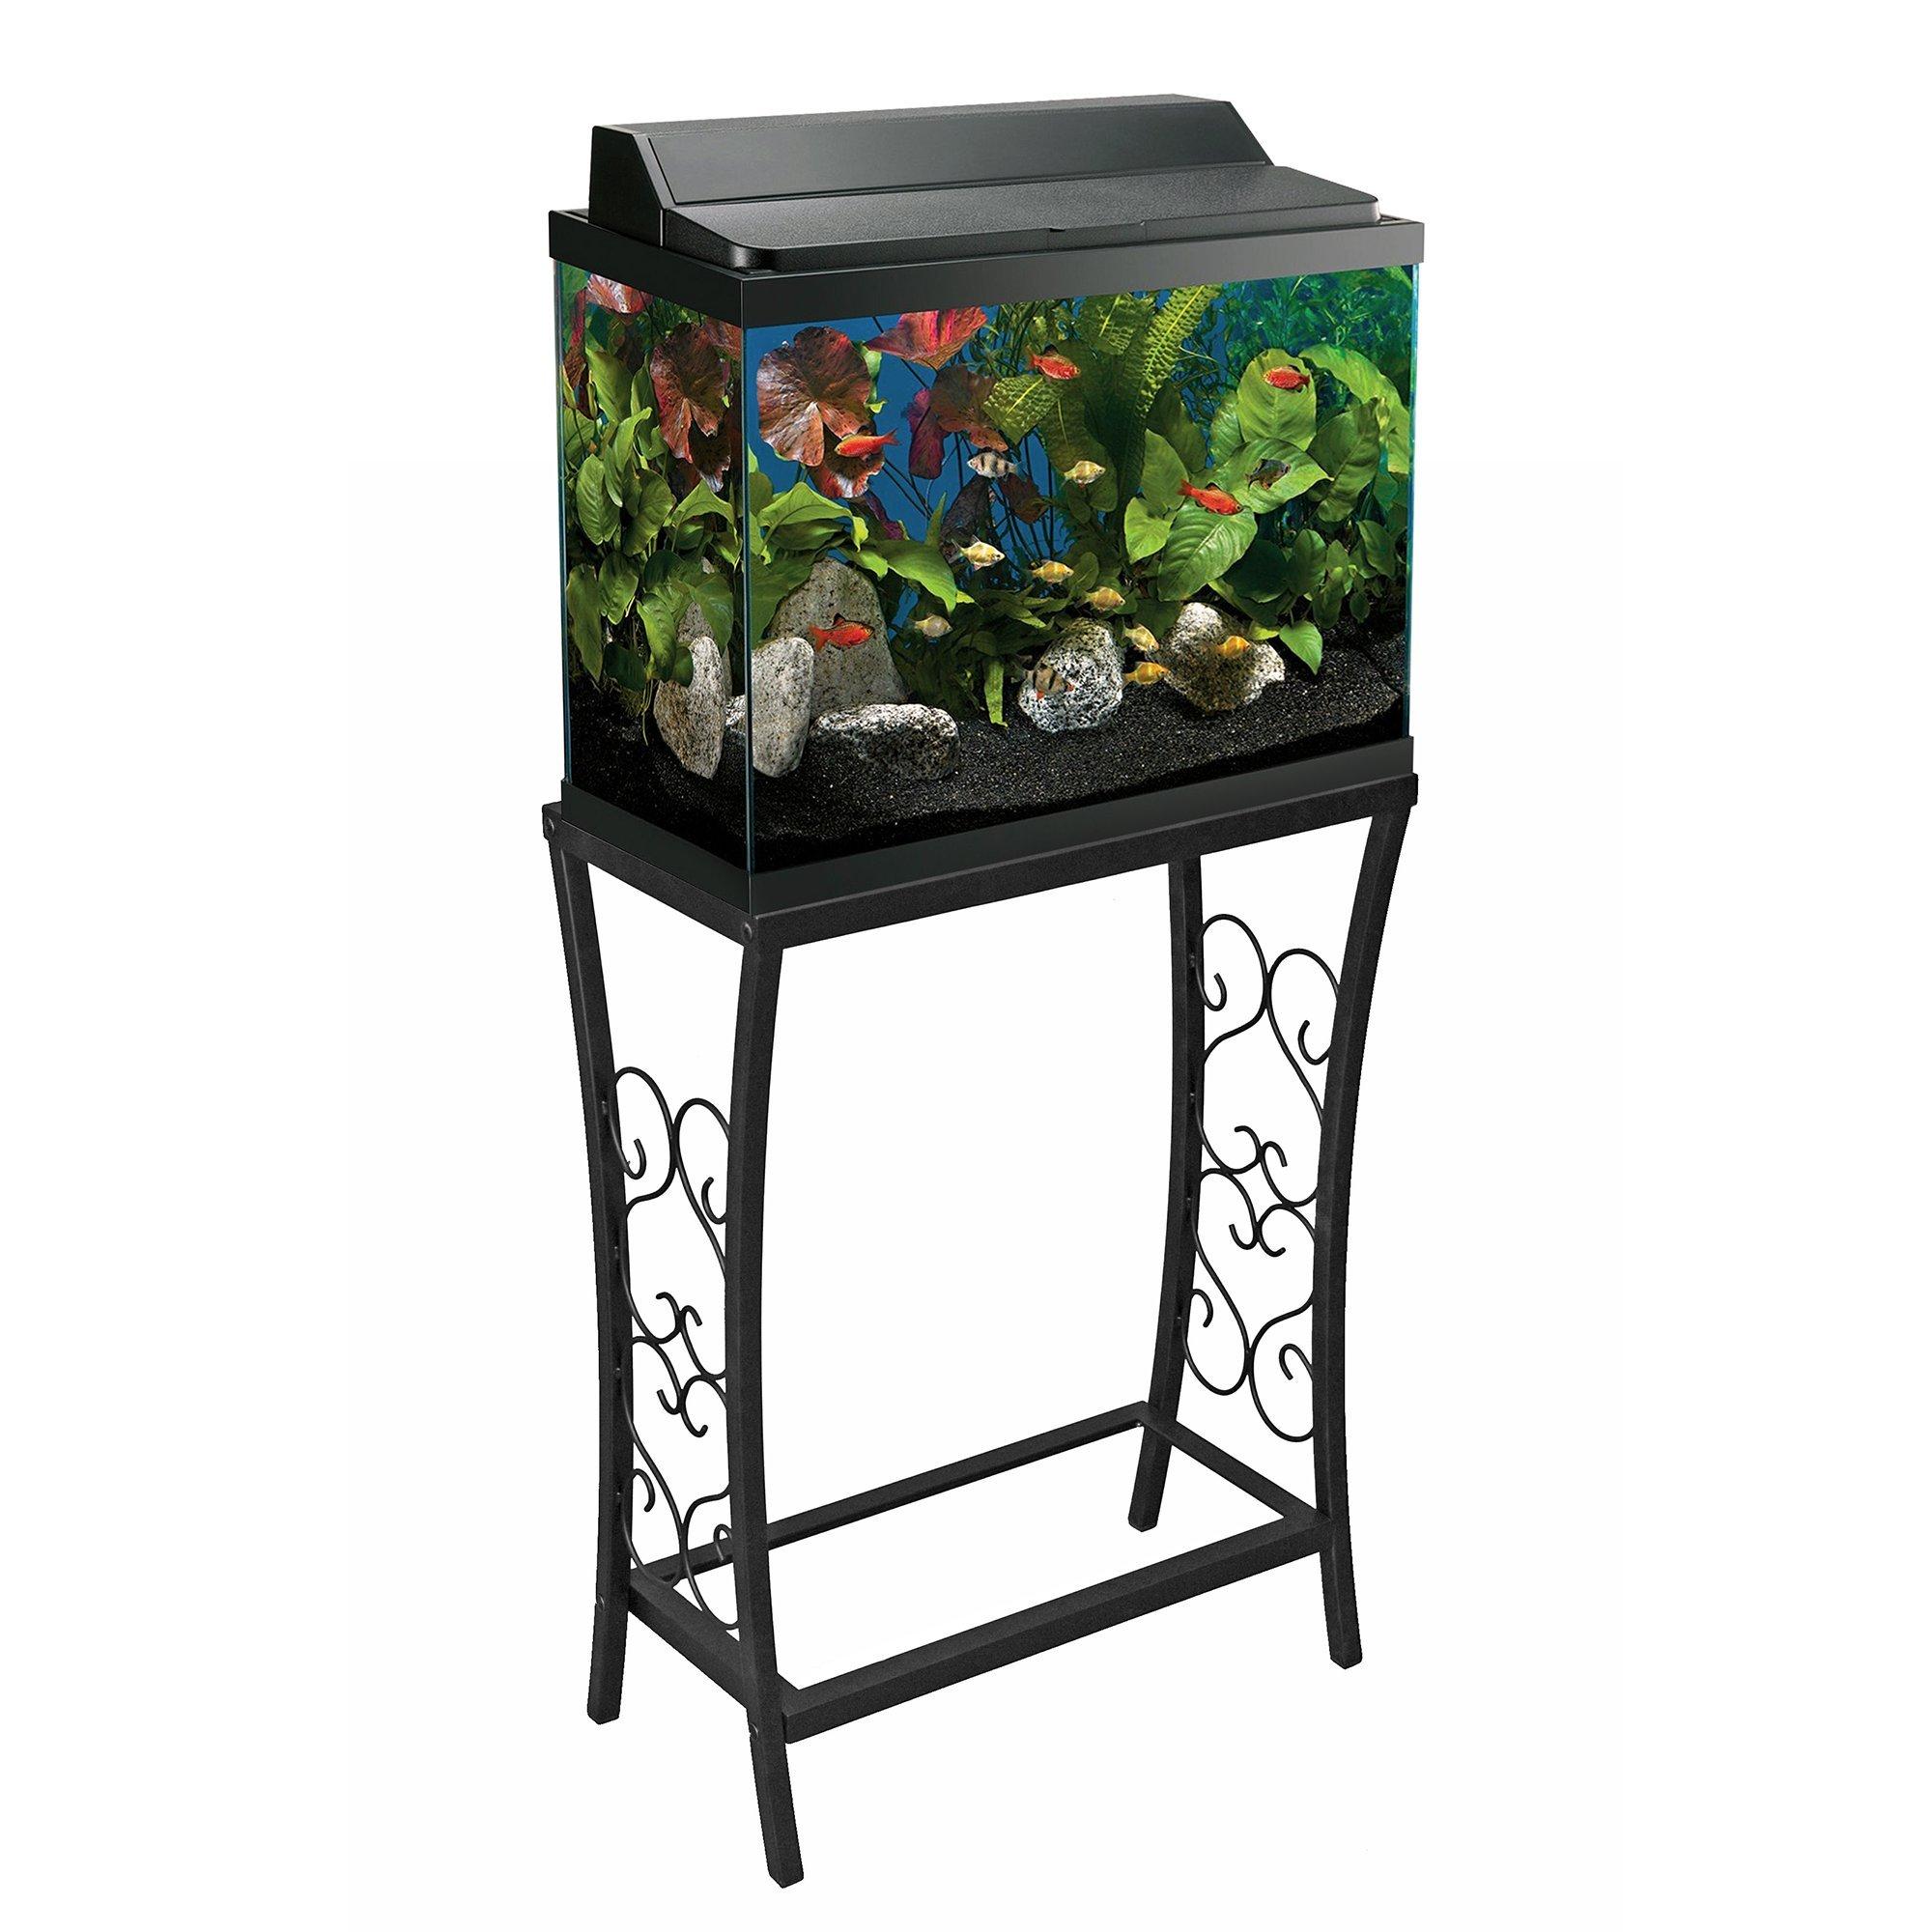 Aquatic Fundamentals AMZ-102101 Aquarium Stand 10